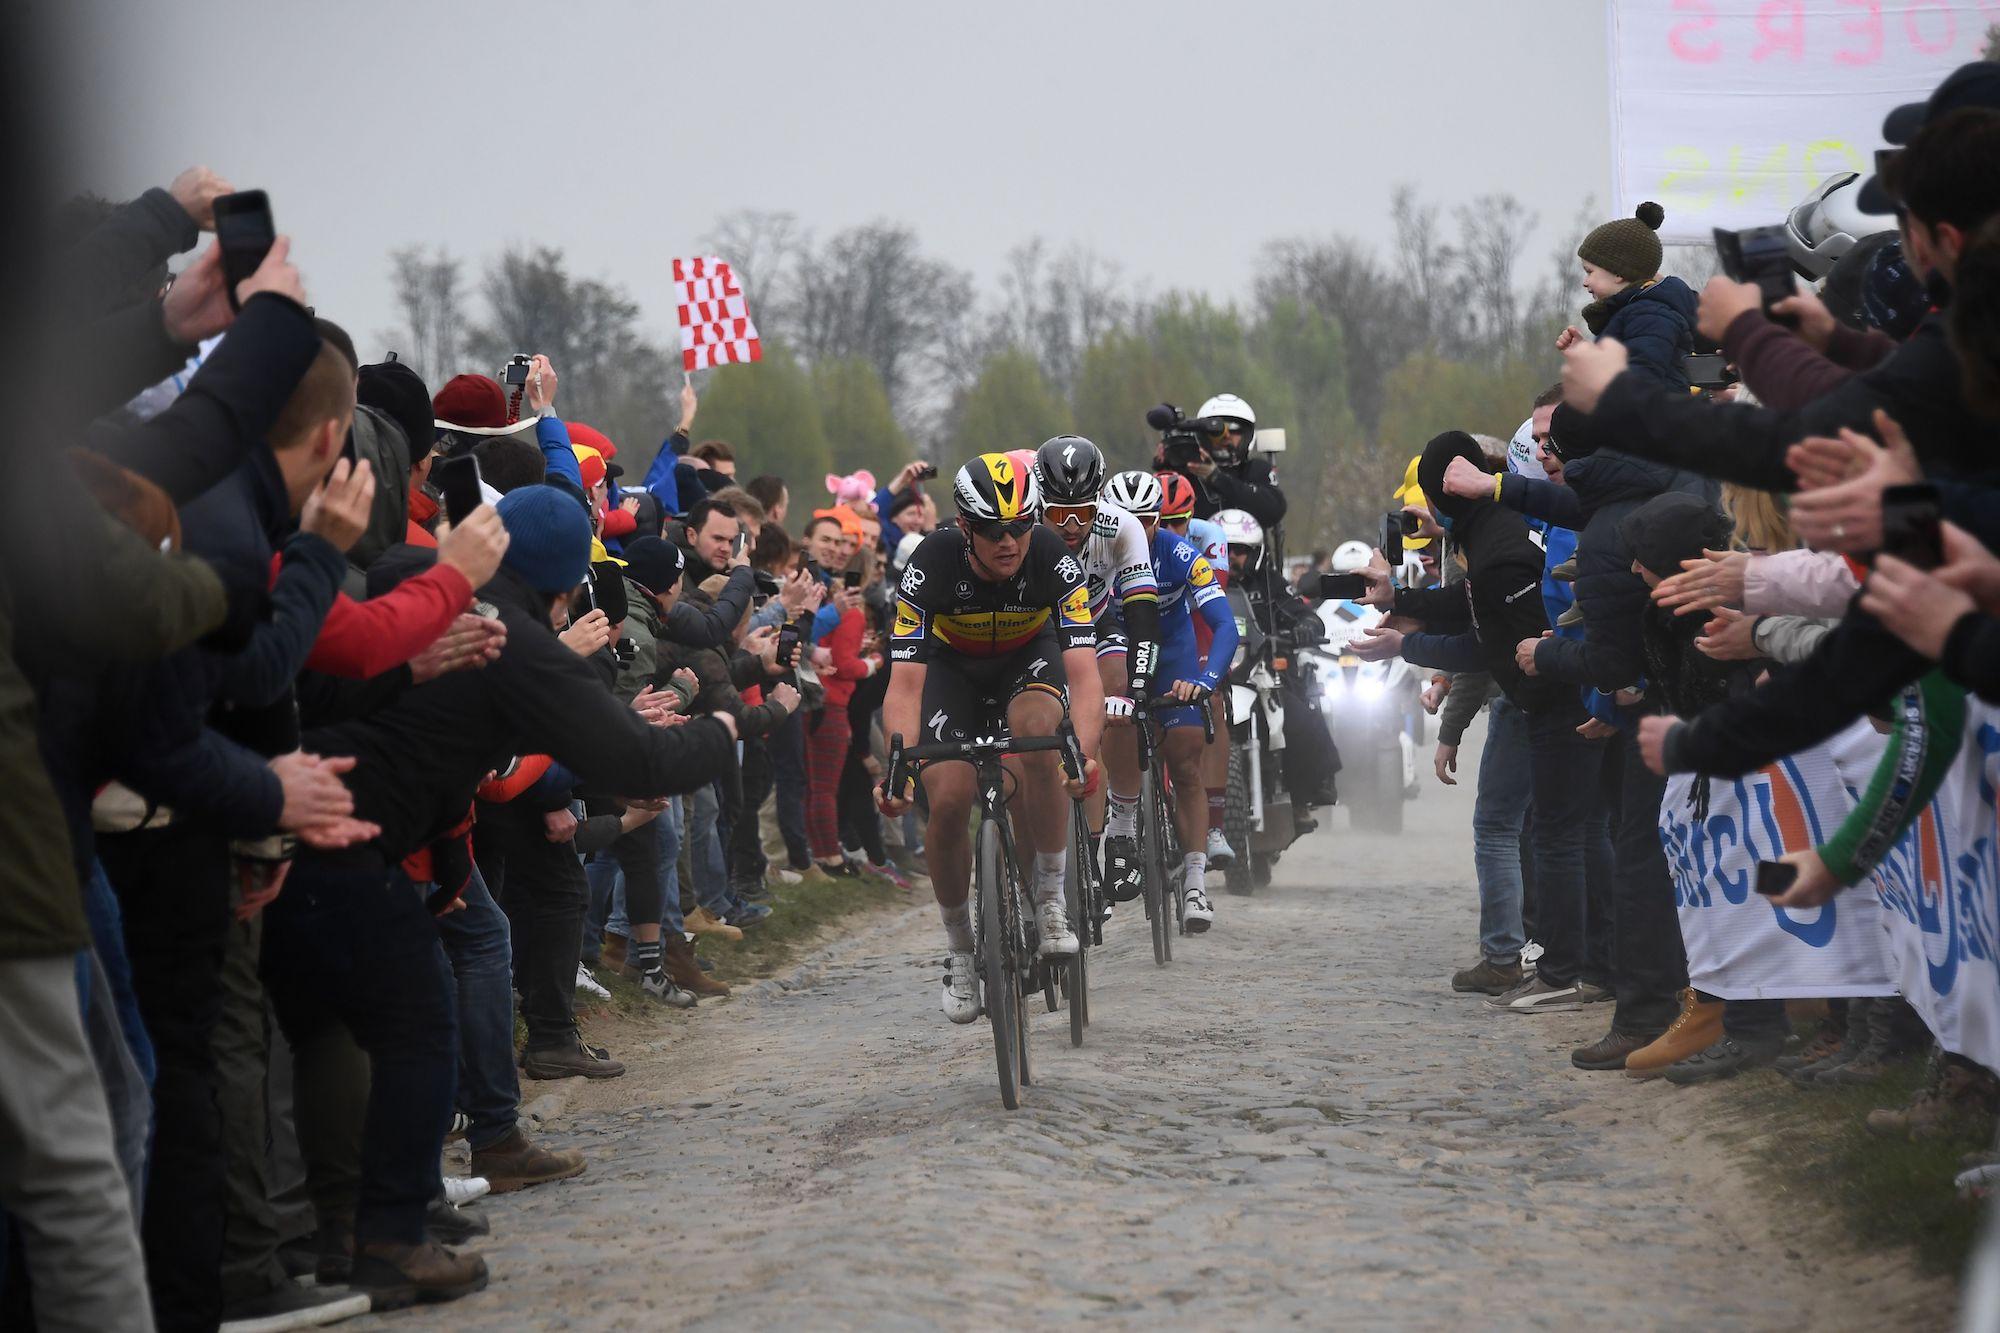 La Parigi-Roubaix 2020 è stata cancellata